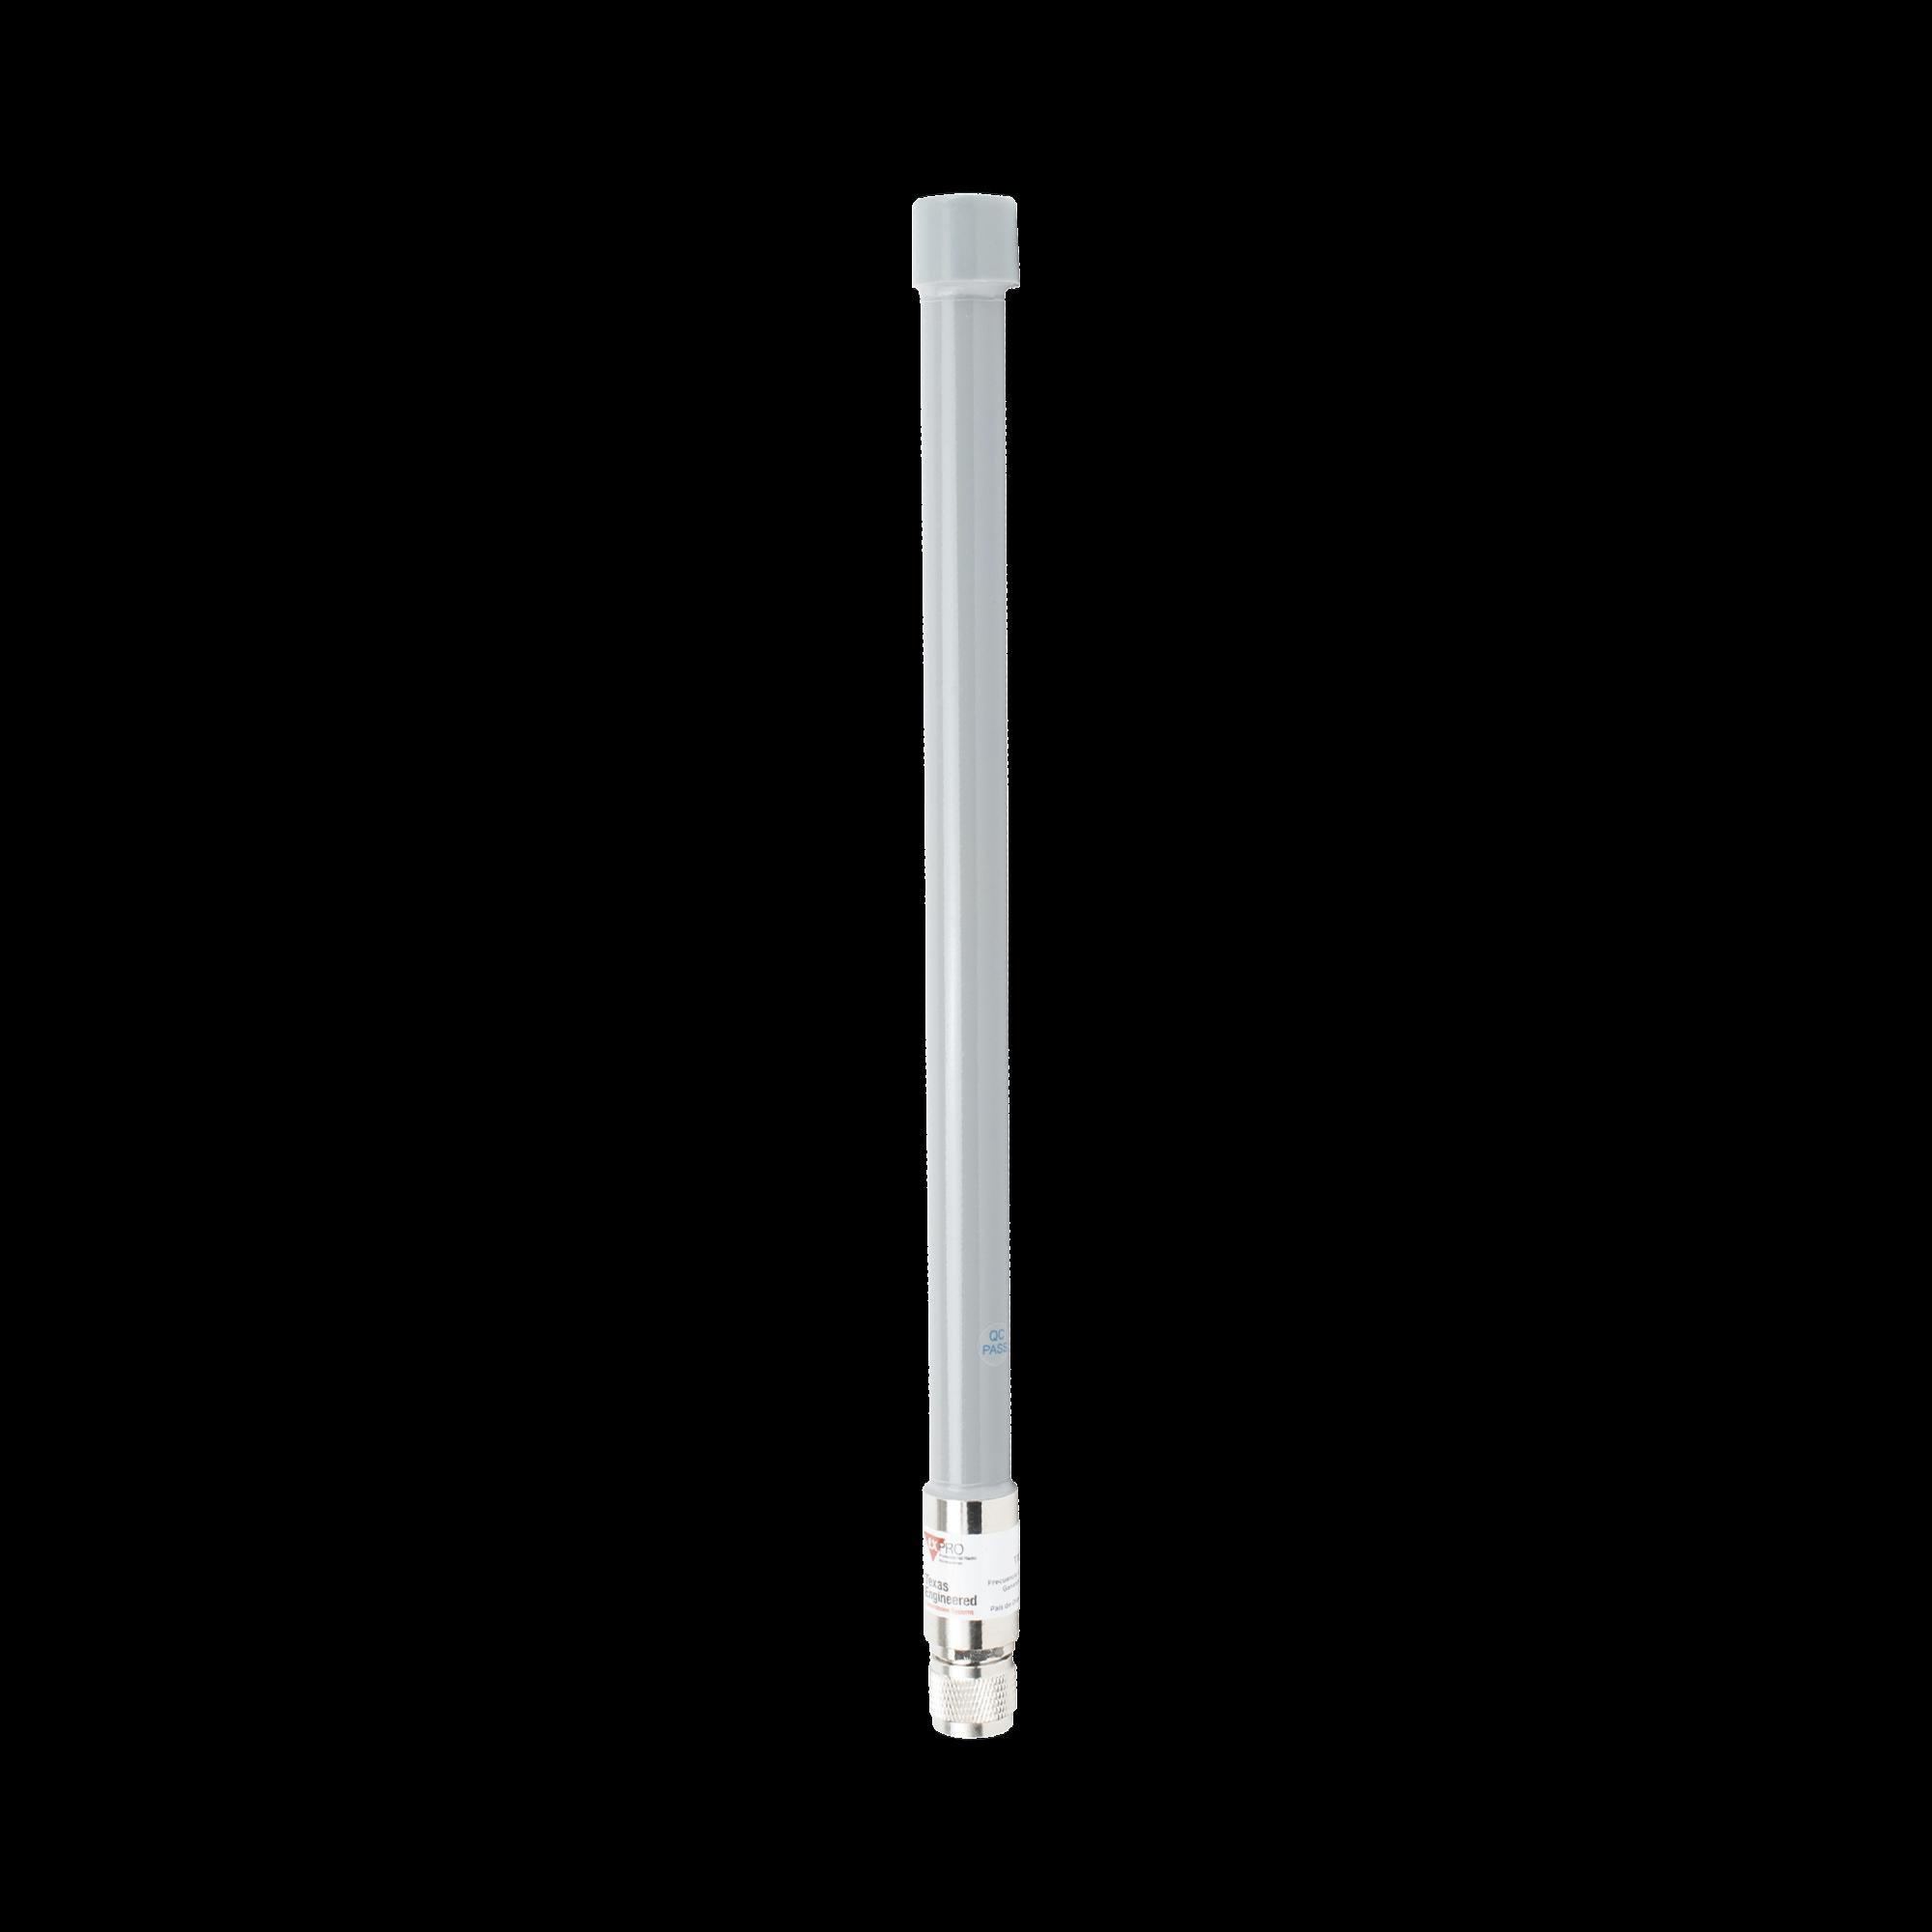 Antena Omnidireccional, Doble banda de 2.4 / 5 GHz, Ganacia de 9 dBi, Conector N-macho